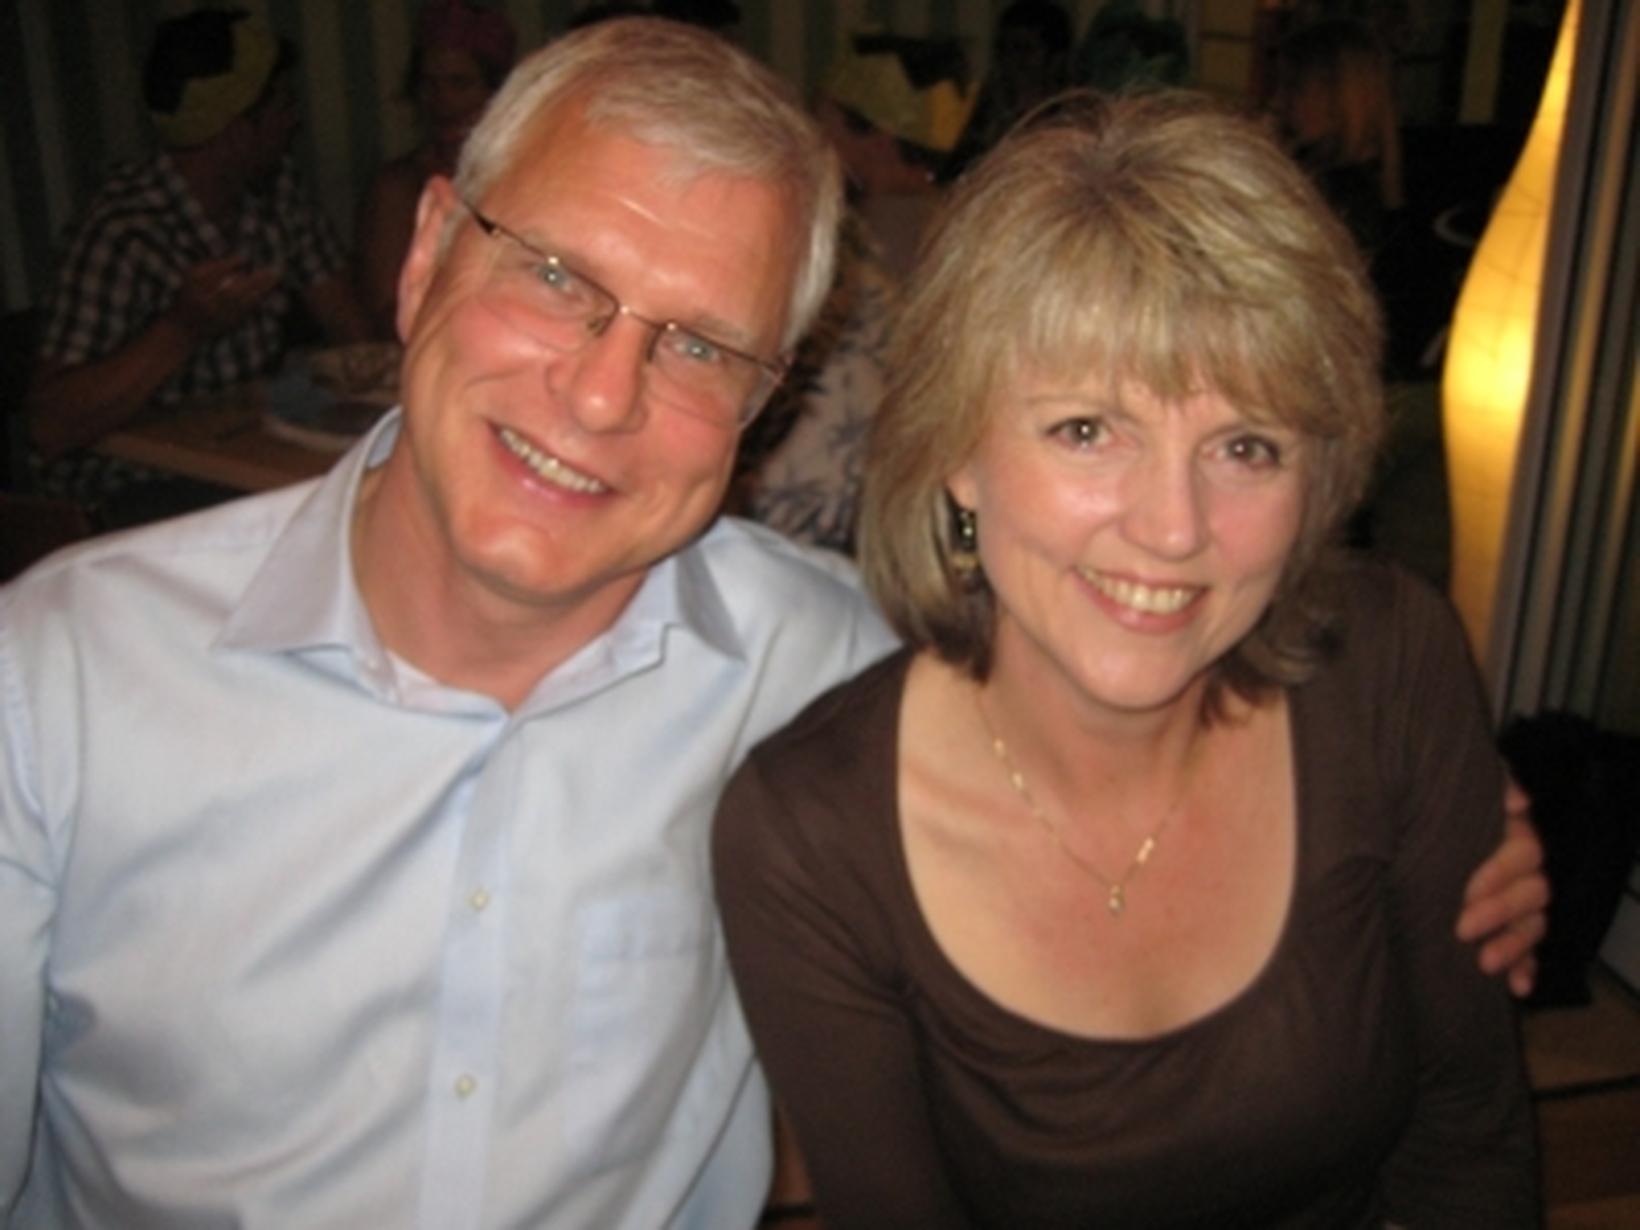 Lyn & Ulf from Busselton, Western Australia, Australia